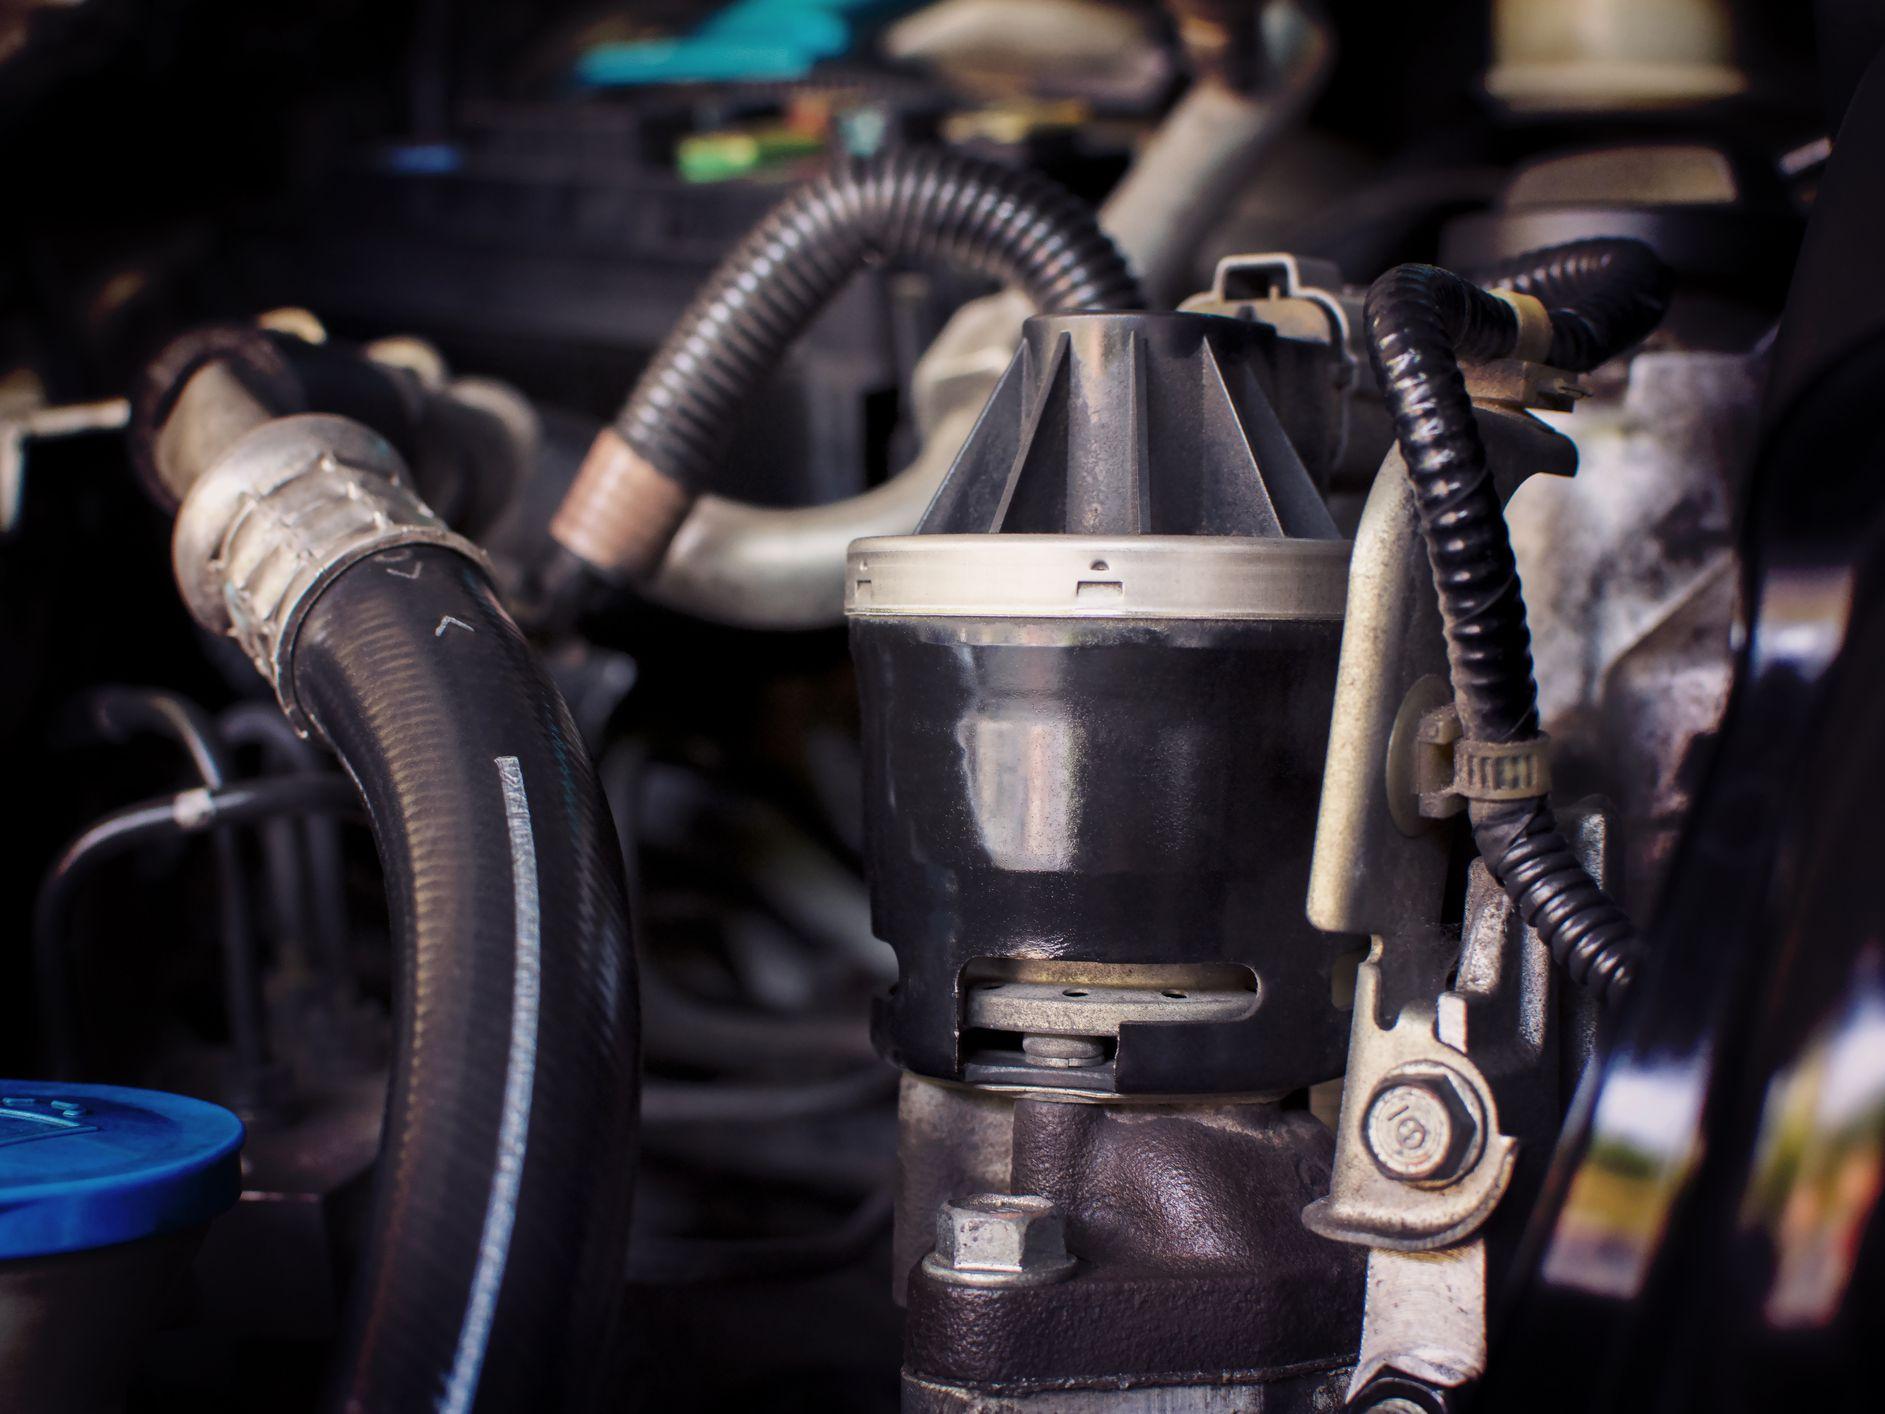 自動車の排気ガス再循環バルブの画像結果